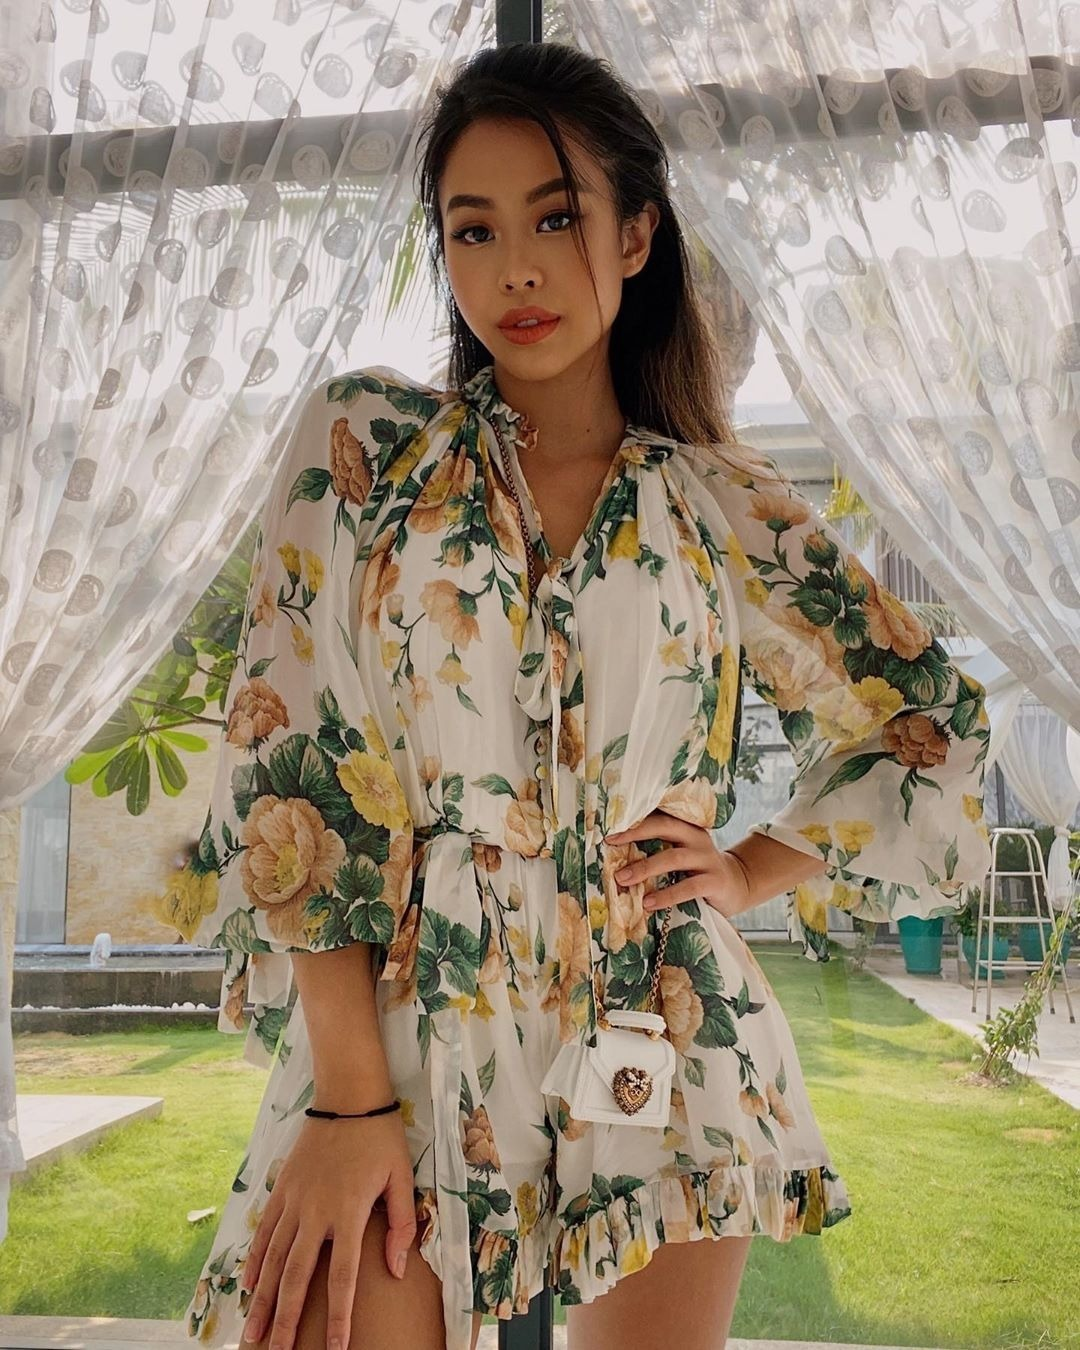 Con gái vua hàng hiệu Việt sở hữu bộ sưu tập hàng chục chiếc váy hoa, trong đó đa phần đến từ hai thương hiệu Dolce & Gabbana và Zimbermann.